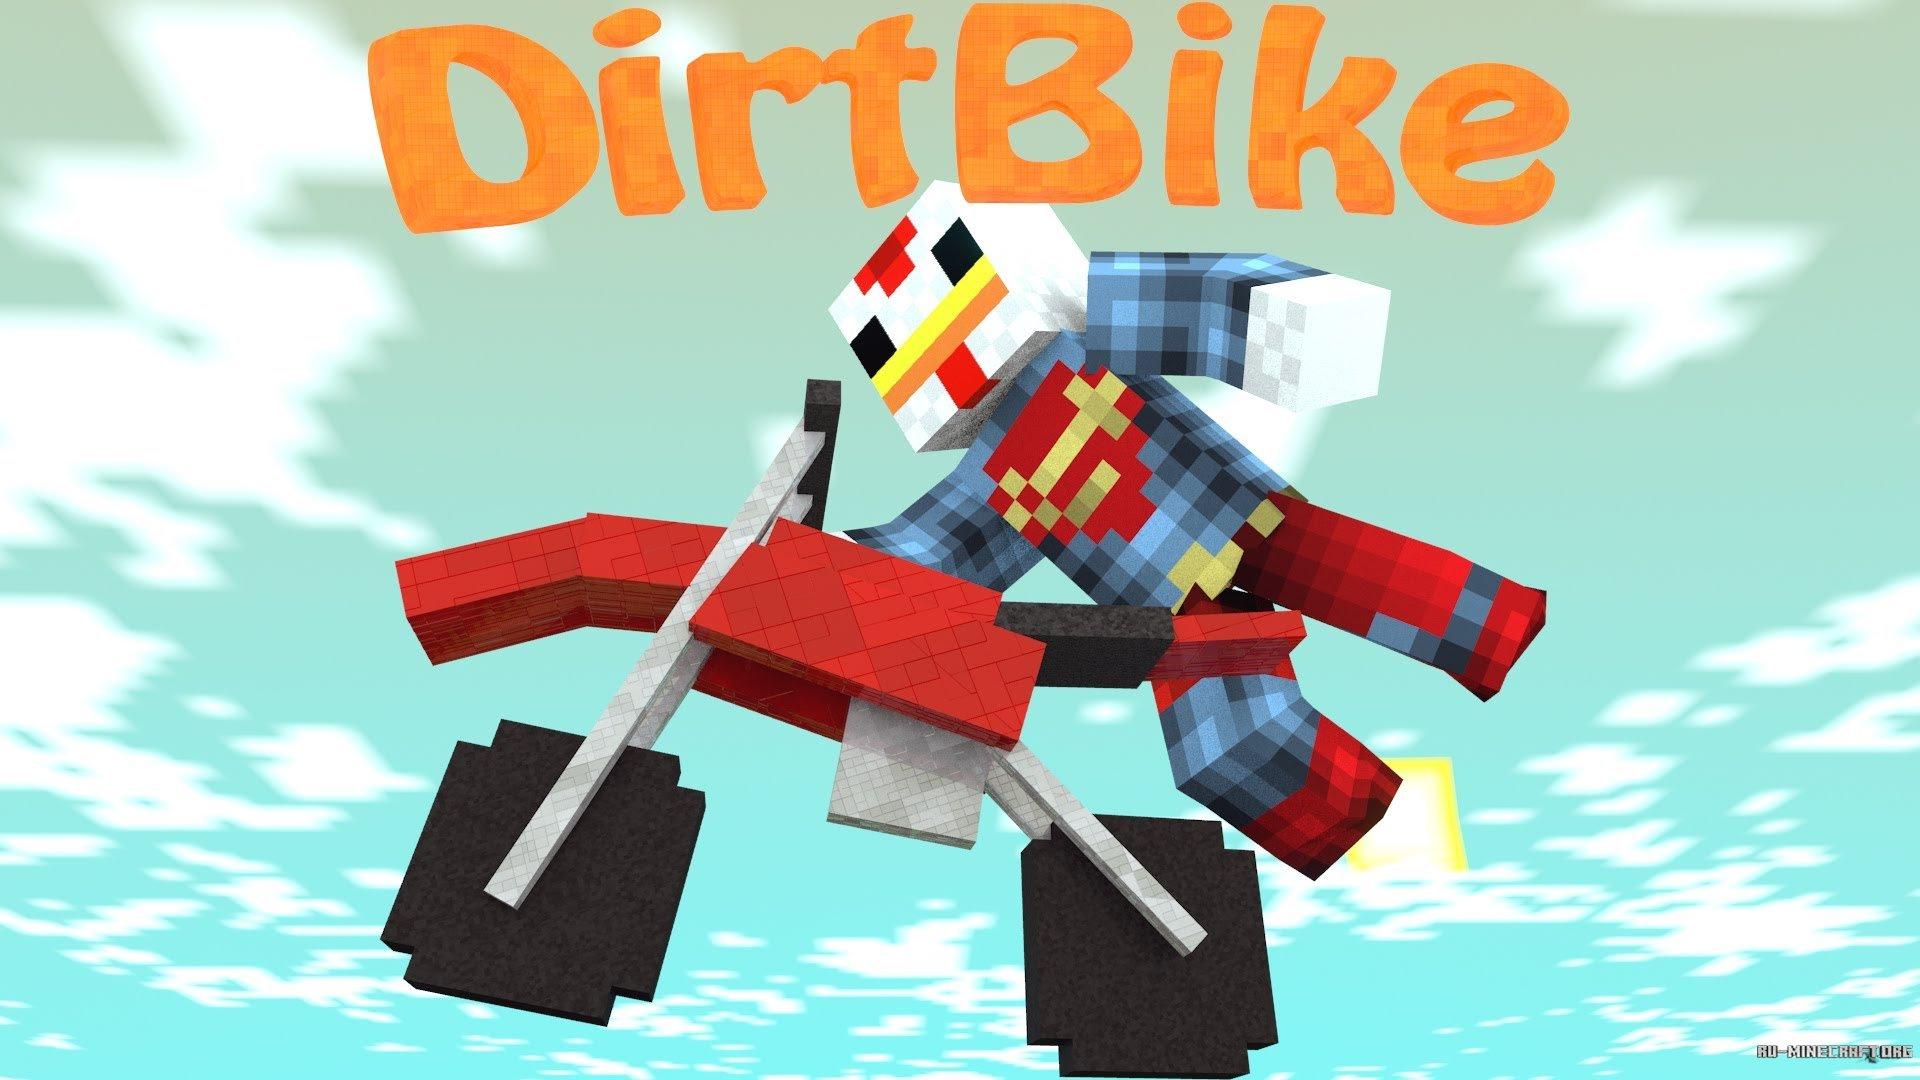 мод dirtbike для майнкрафт версии 1 7 10 #8